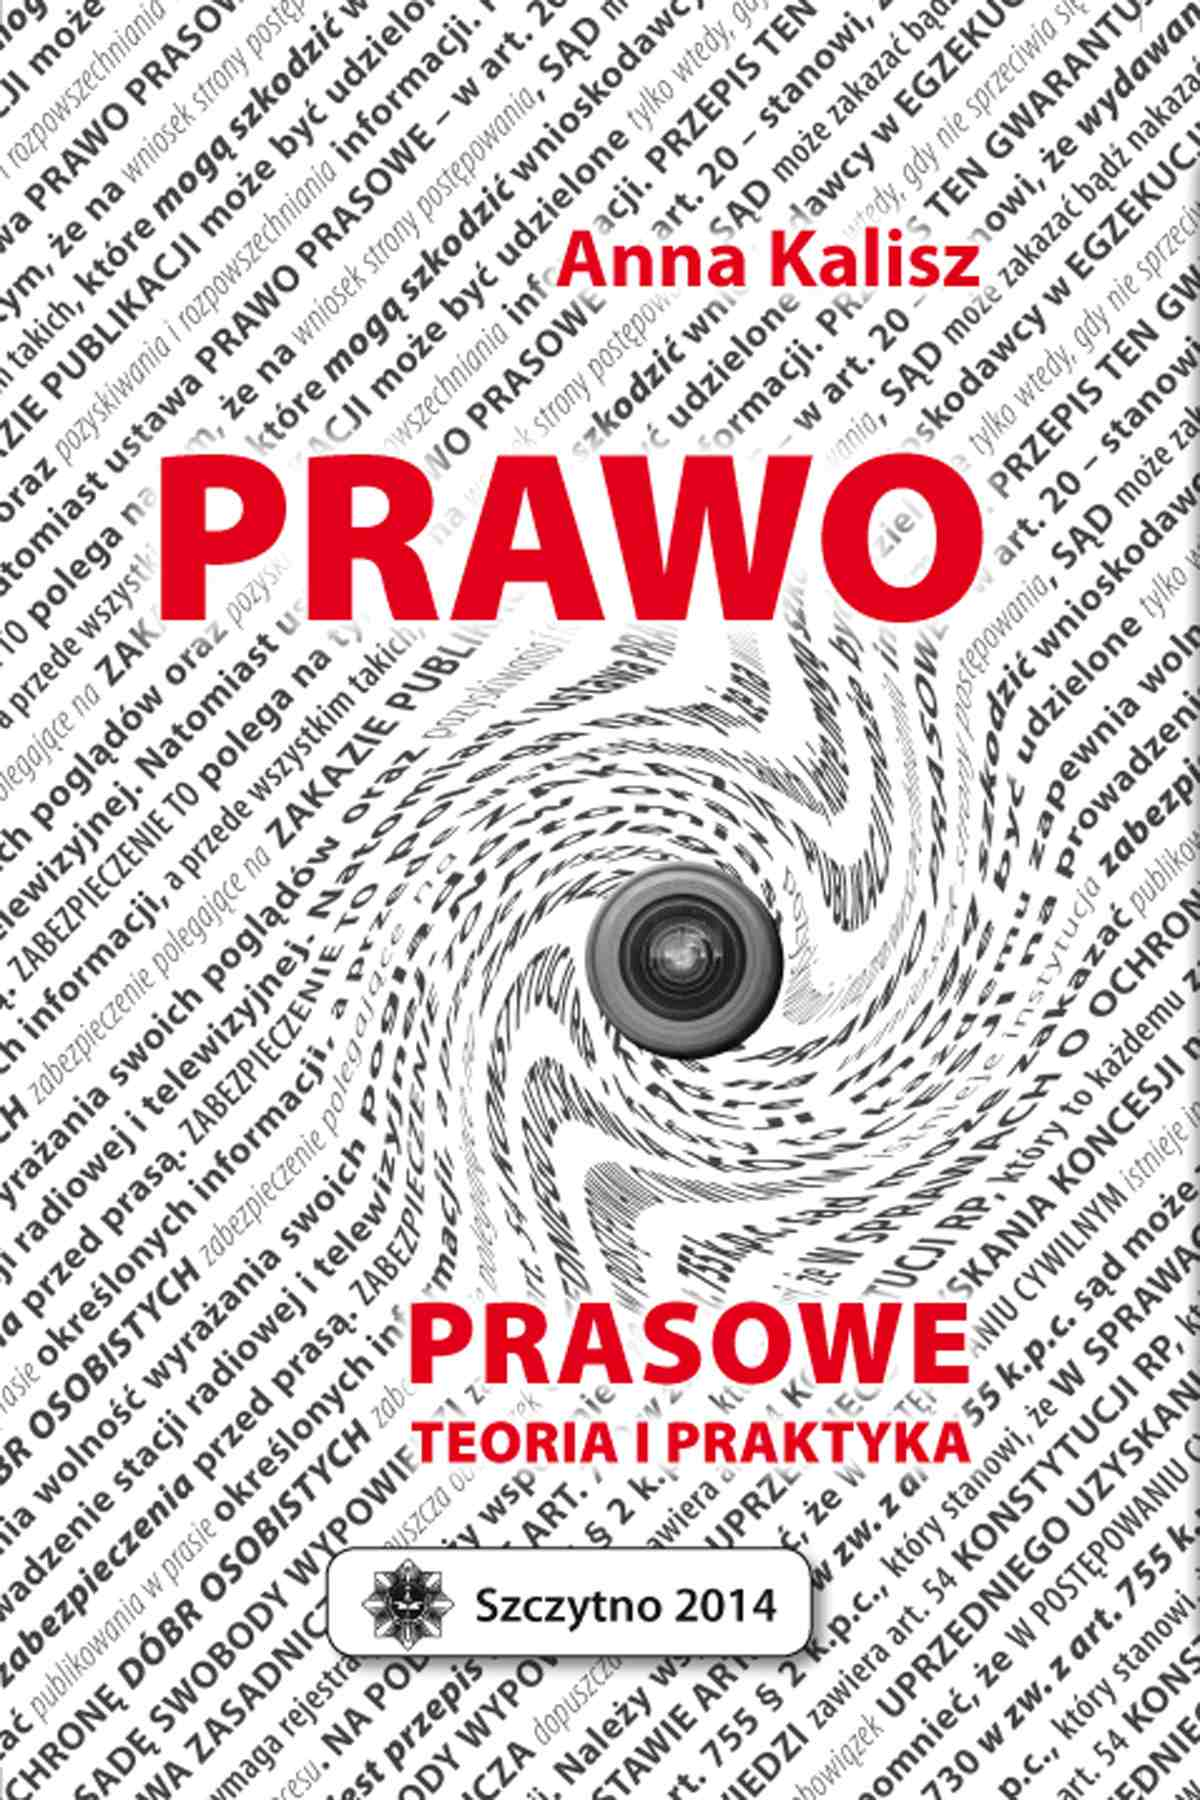 Prawo prasowe. Teoria i praktyka - Ebook (Książka PDF) do pobrania w formacie PDF